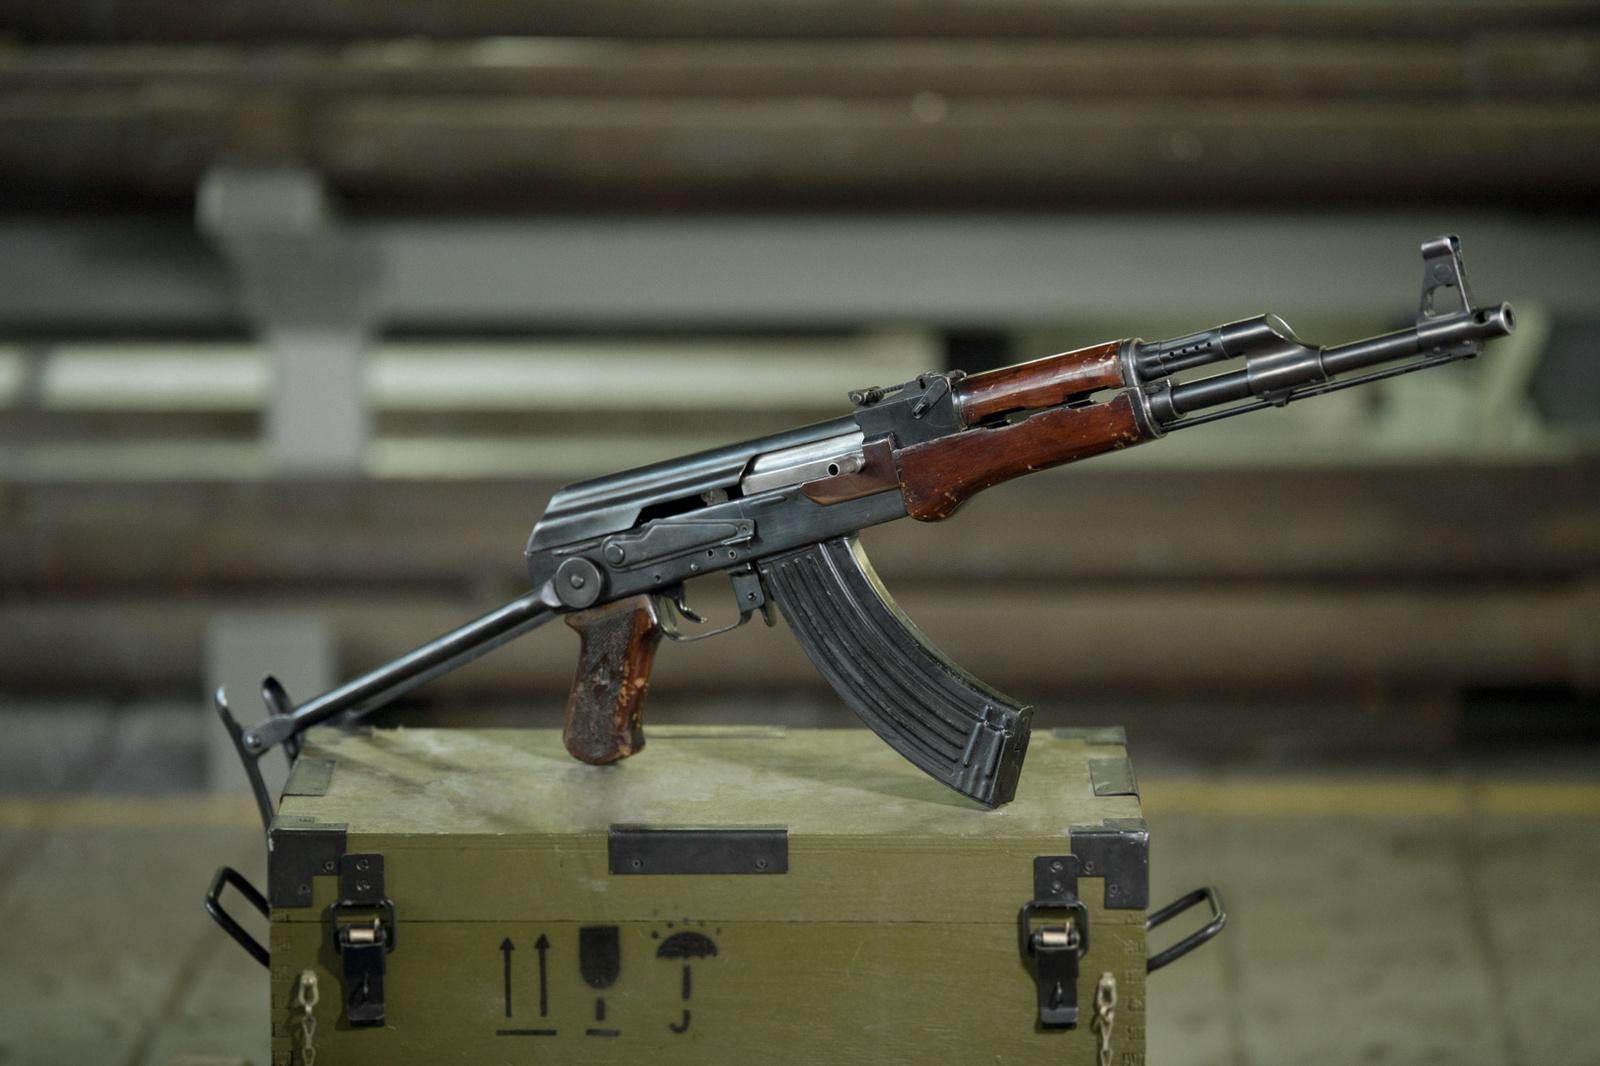 Военный США рассказал о преимуществах АК-47 перед М-16